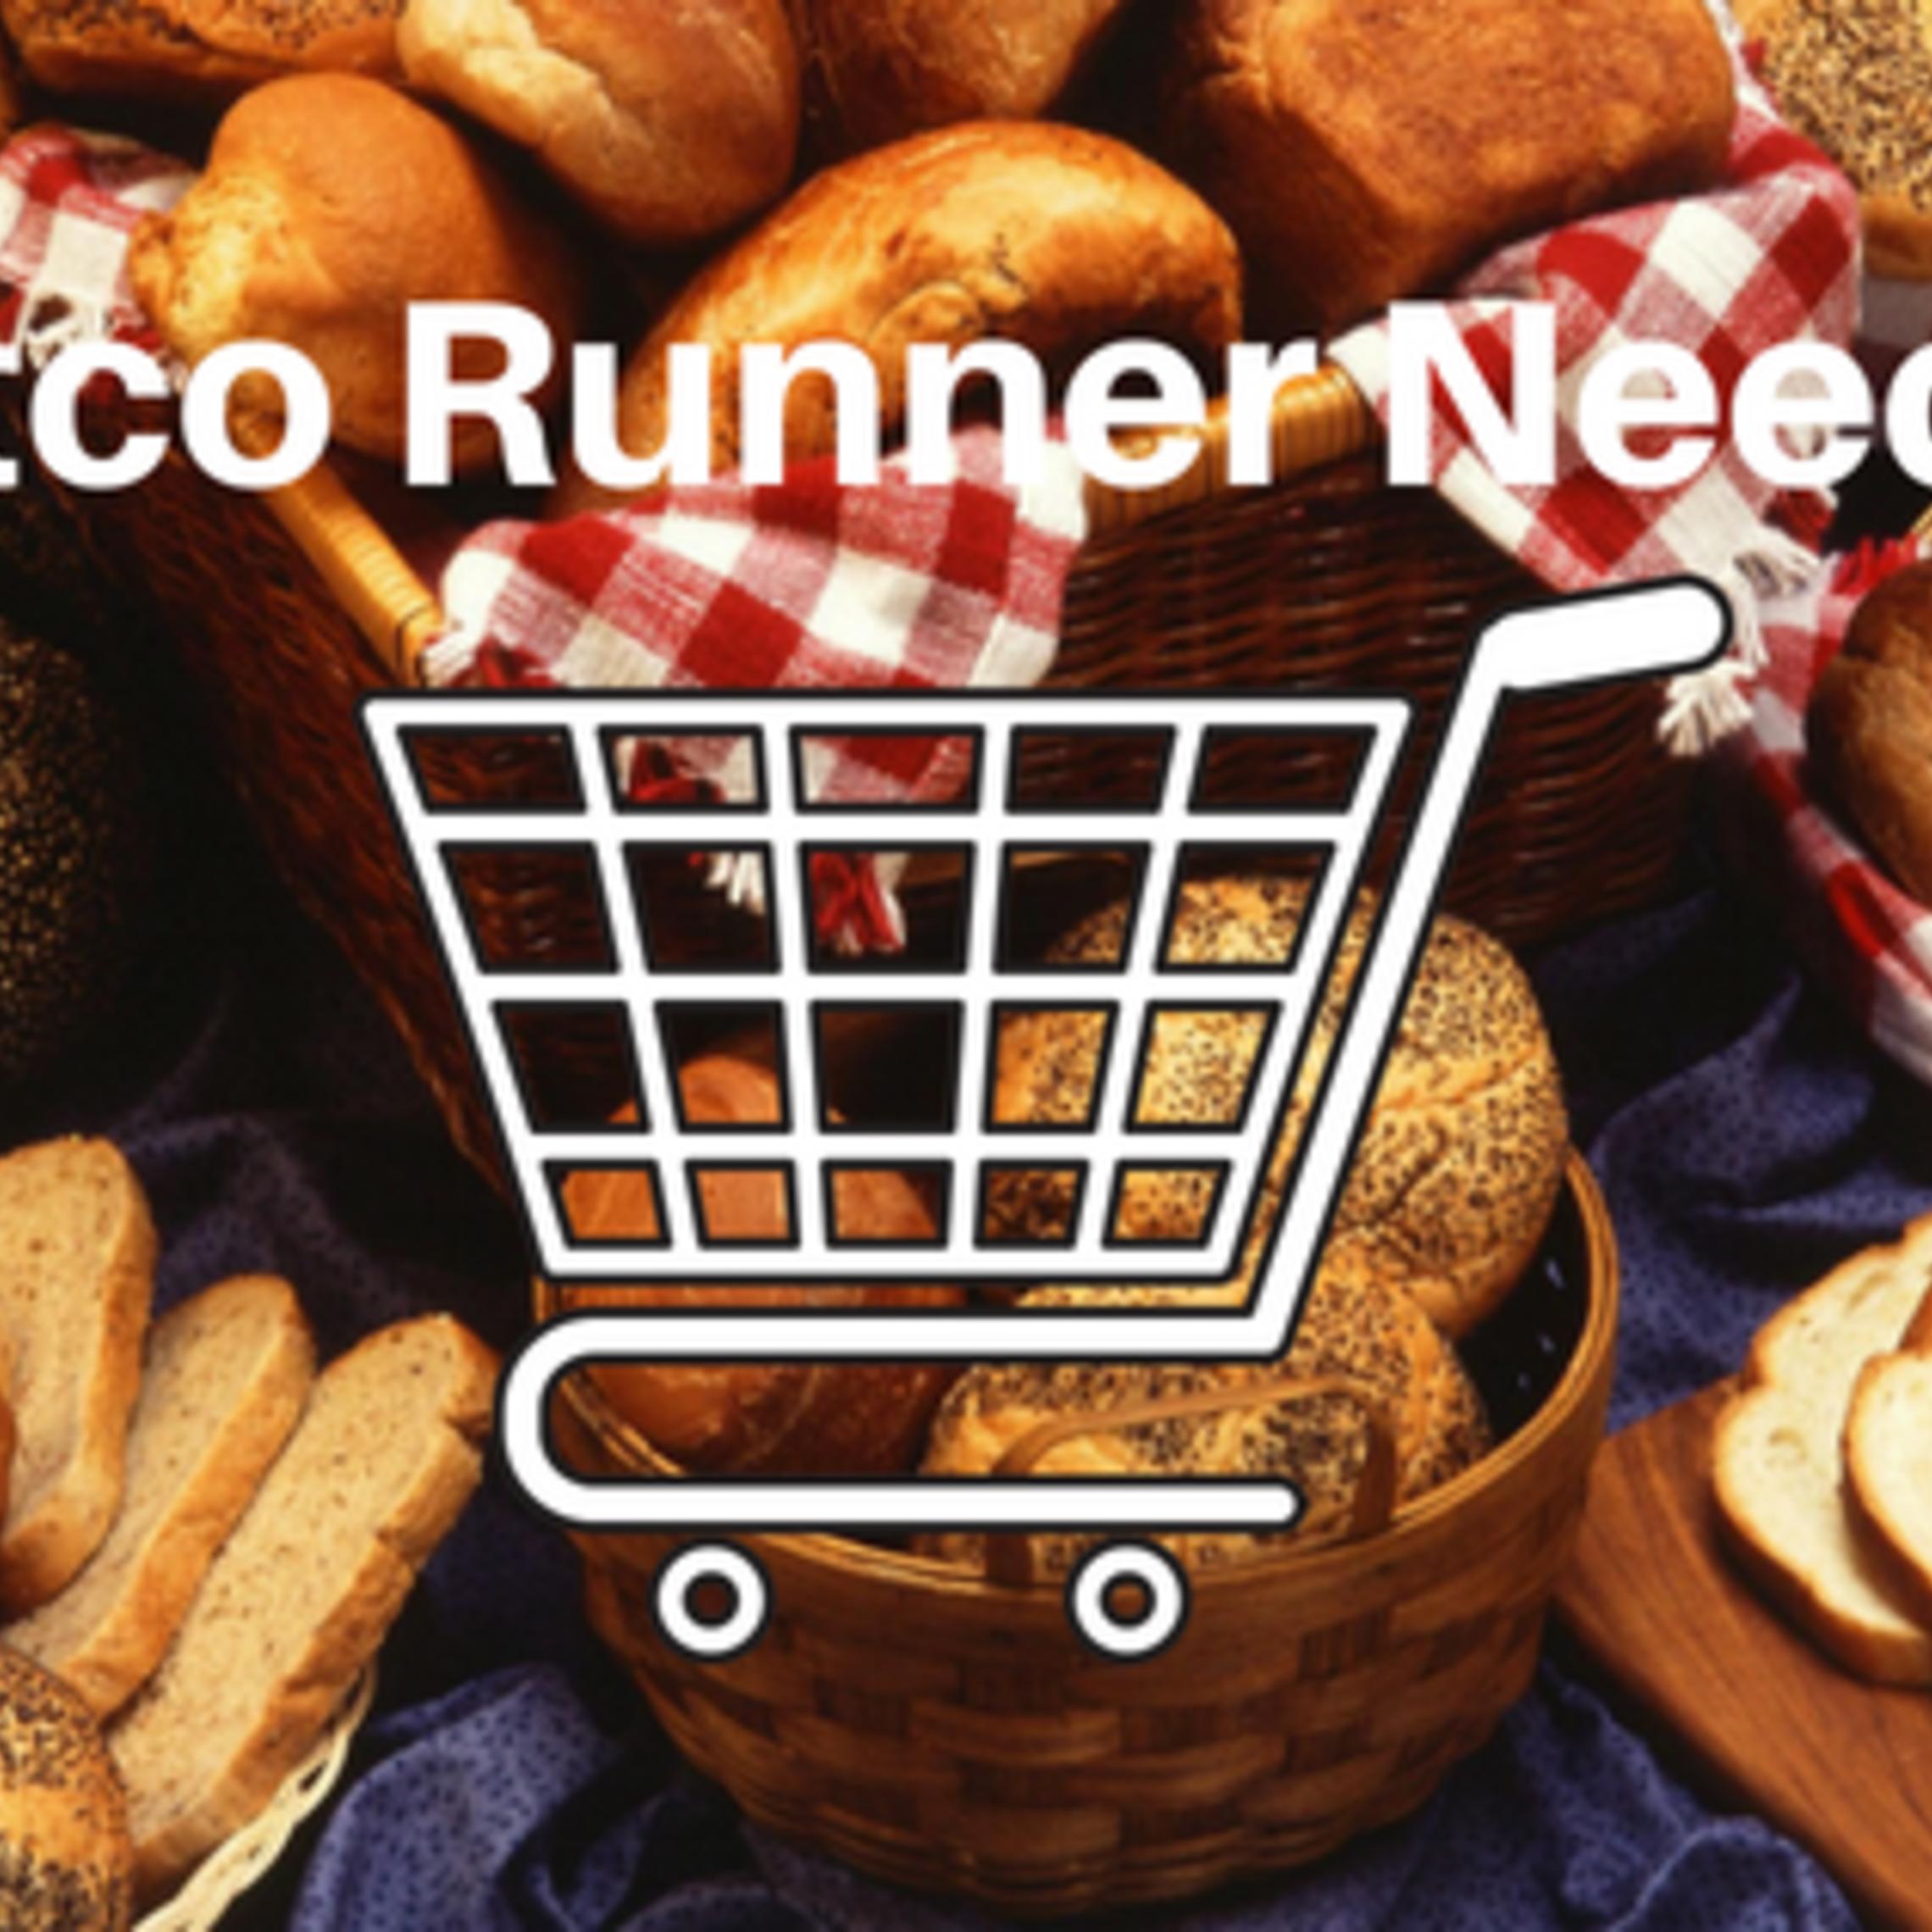 Costco Runner Needed